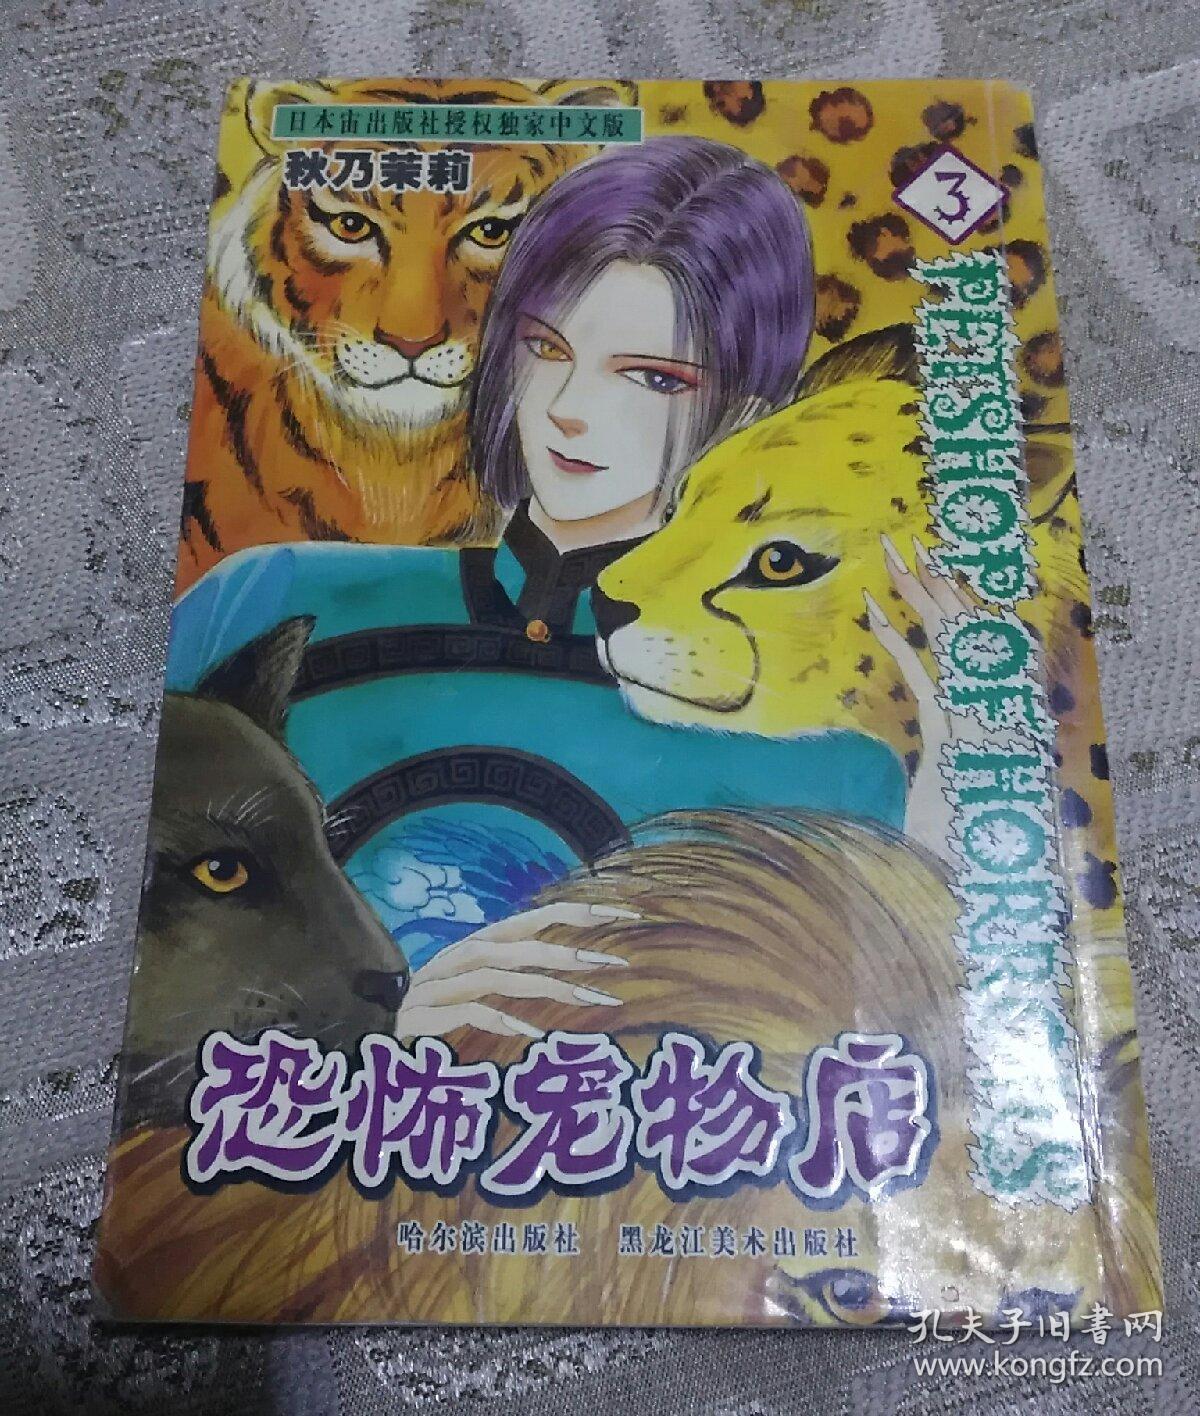 卡通漫画大32K:恐怖砂糖店(3)单行本秋乃茉莉宠物漫画的水图片